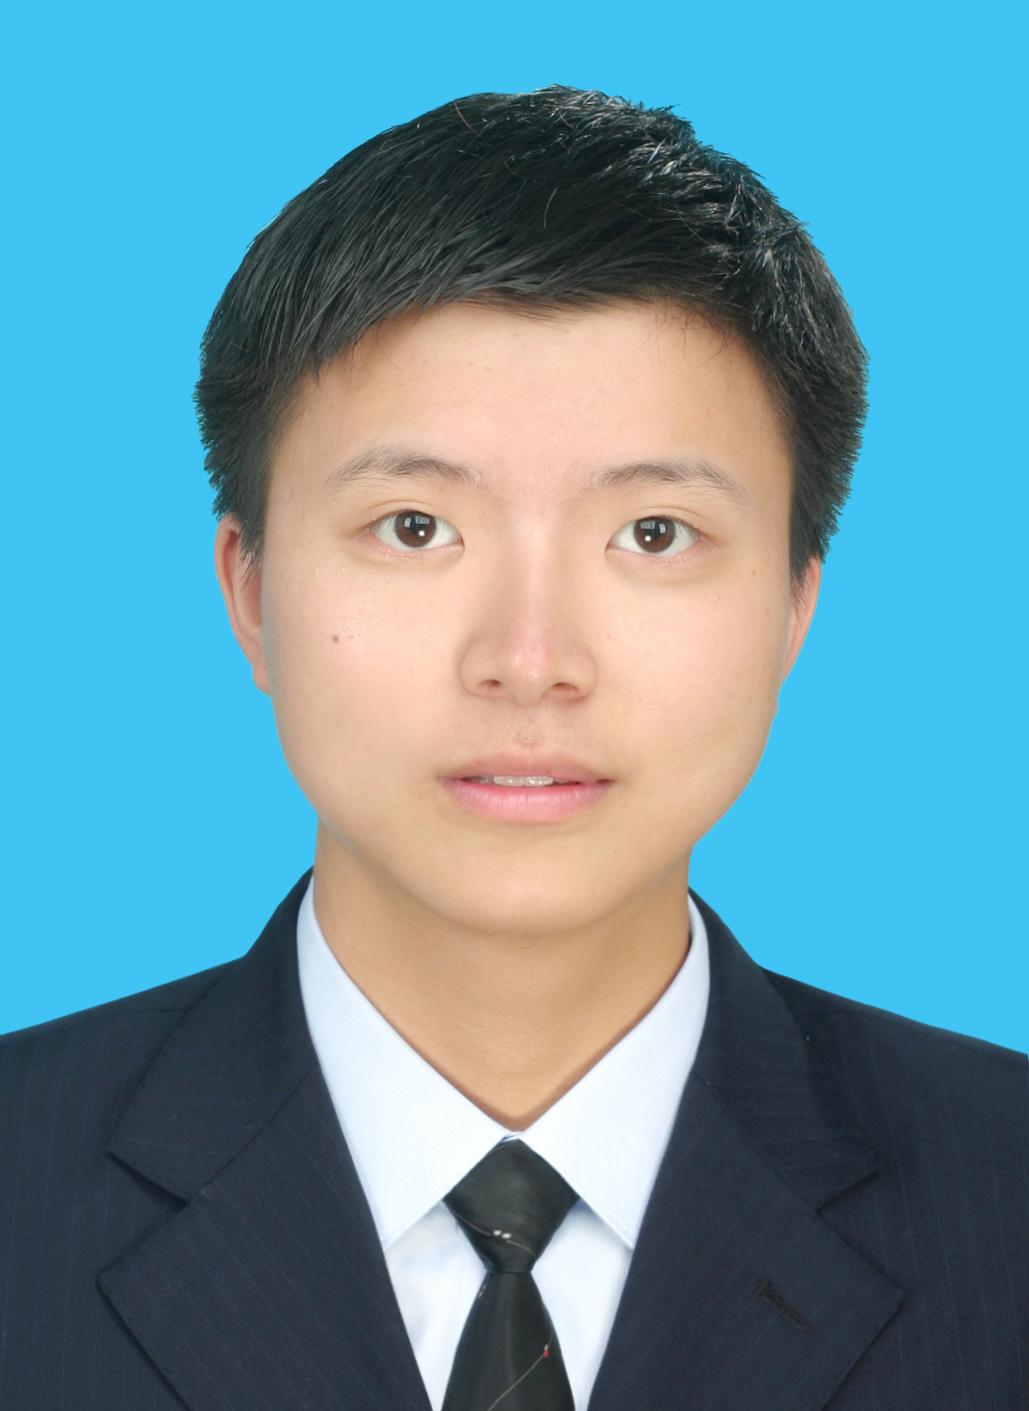 深圳家教肖教员